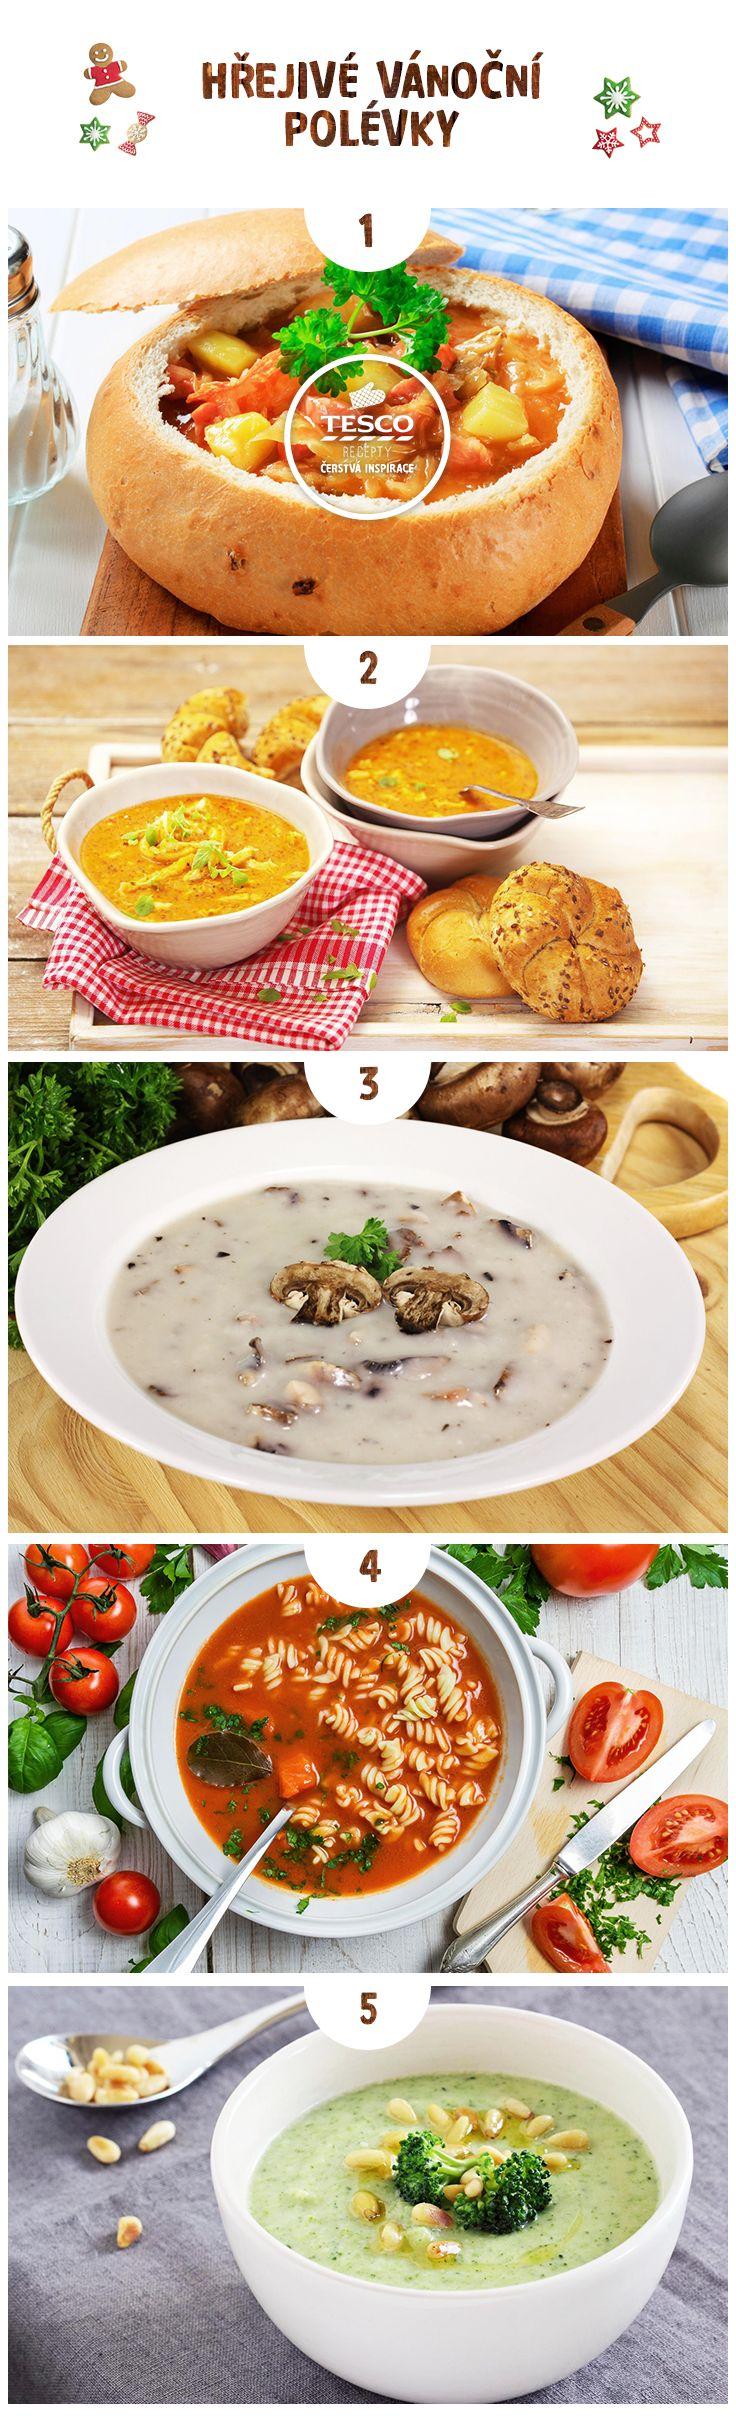 Připravte si hřejivé vánoční polévky!